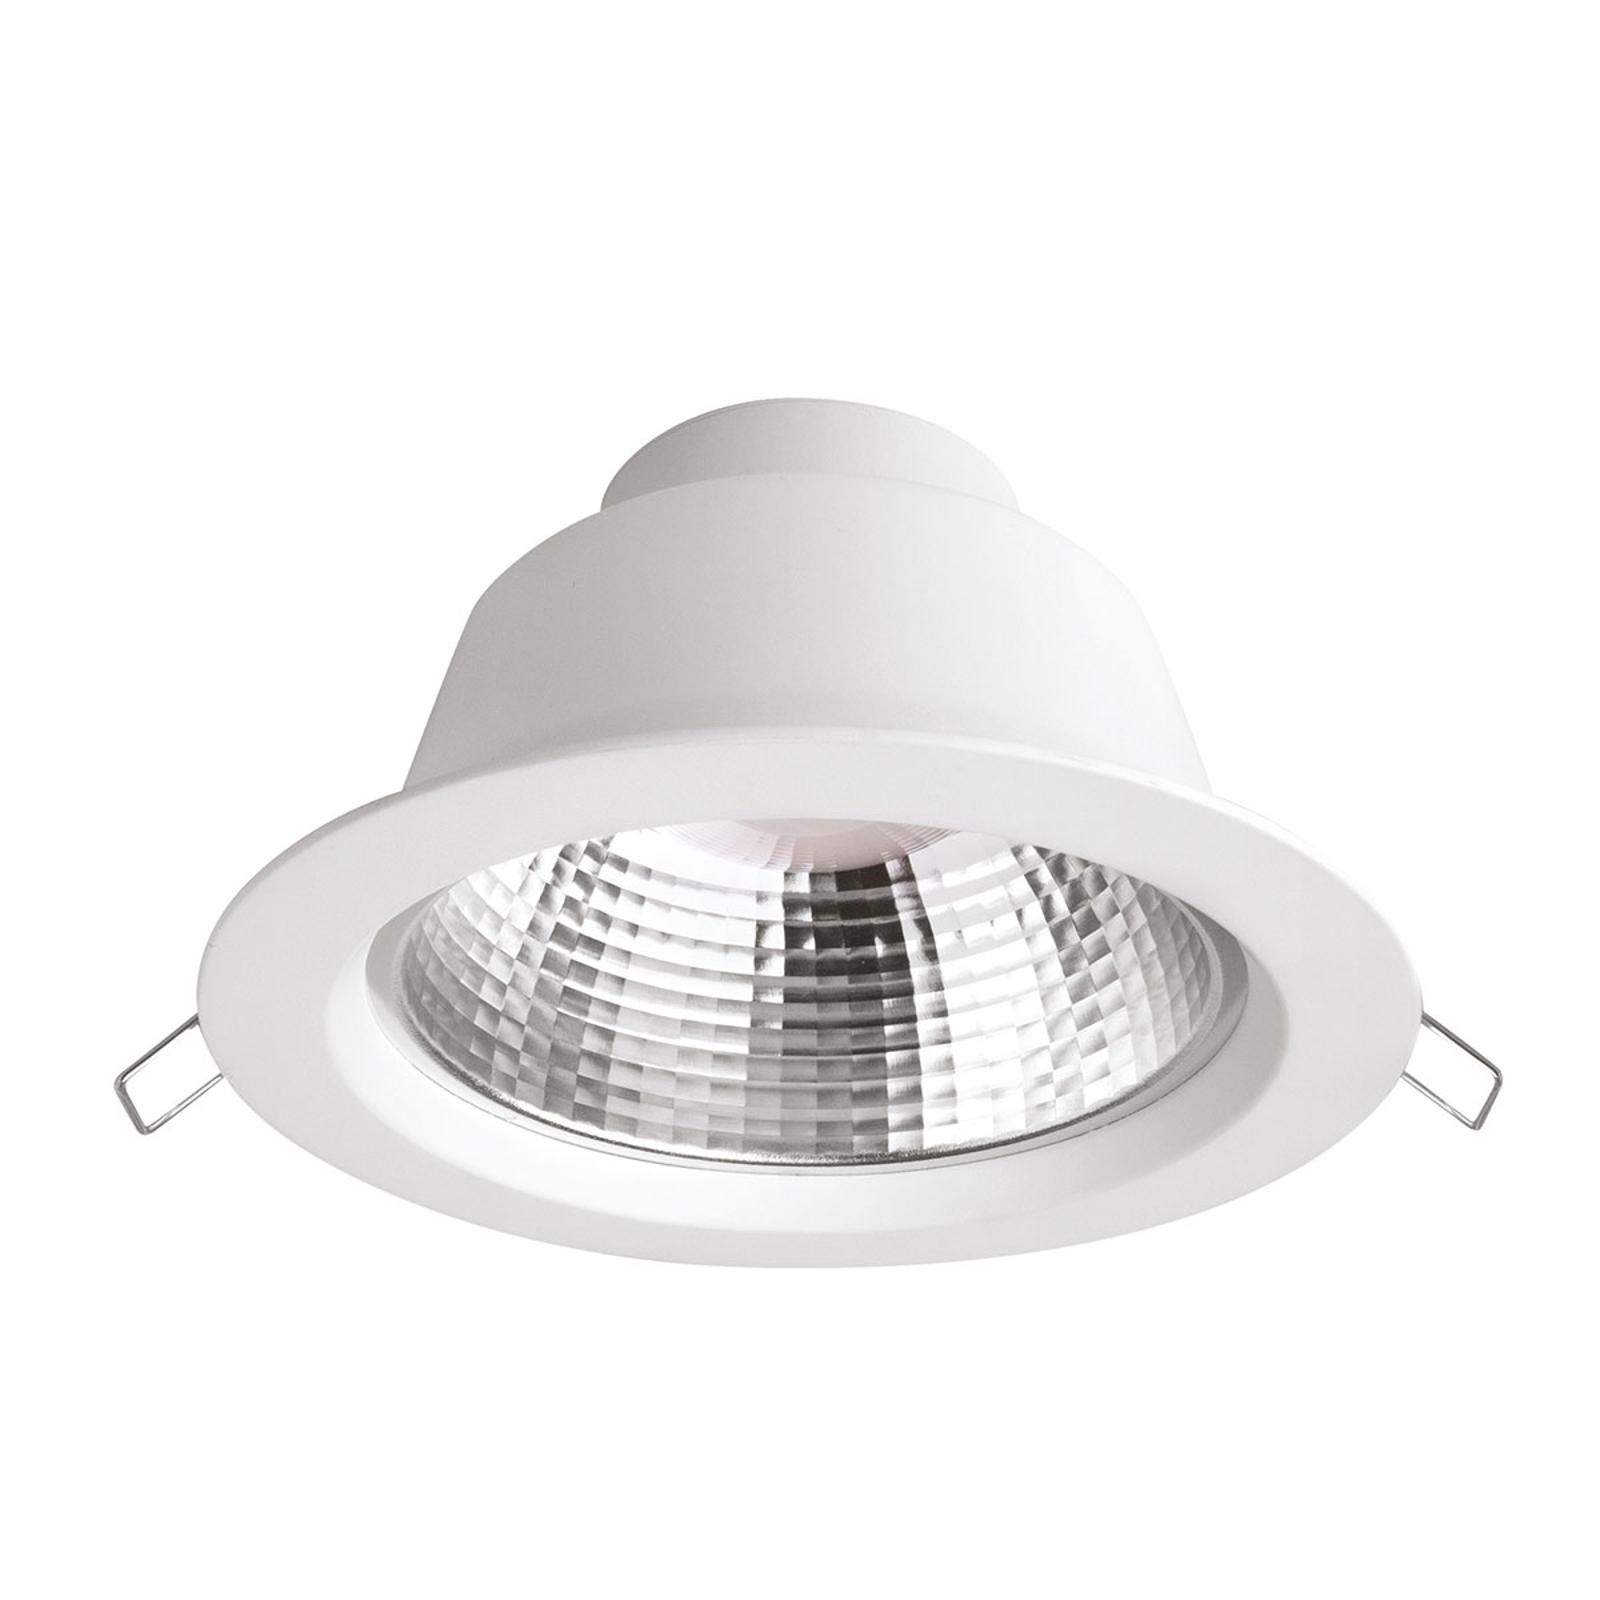 LED-uppovalaisin Siena, 9,5 W, 2 800 K